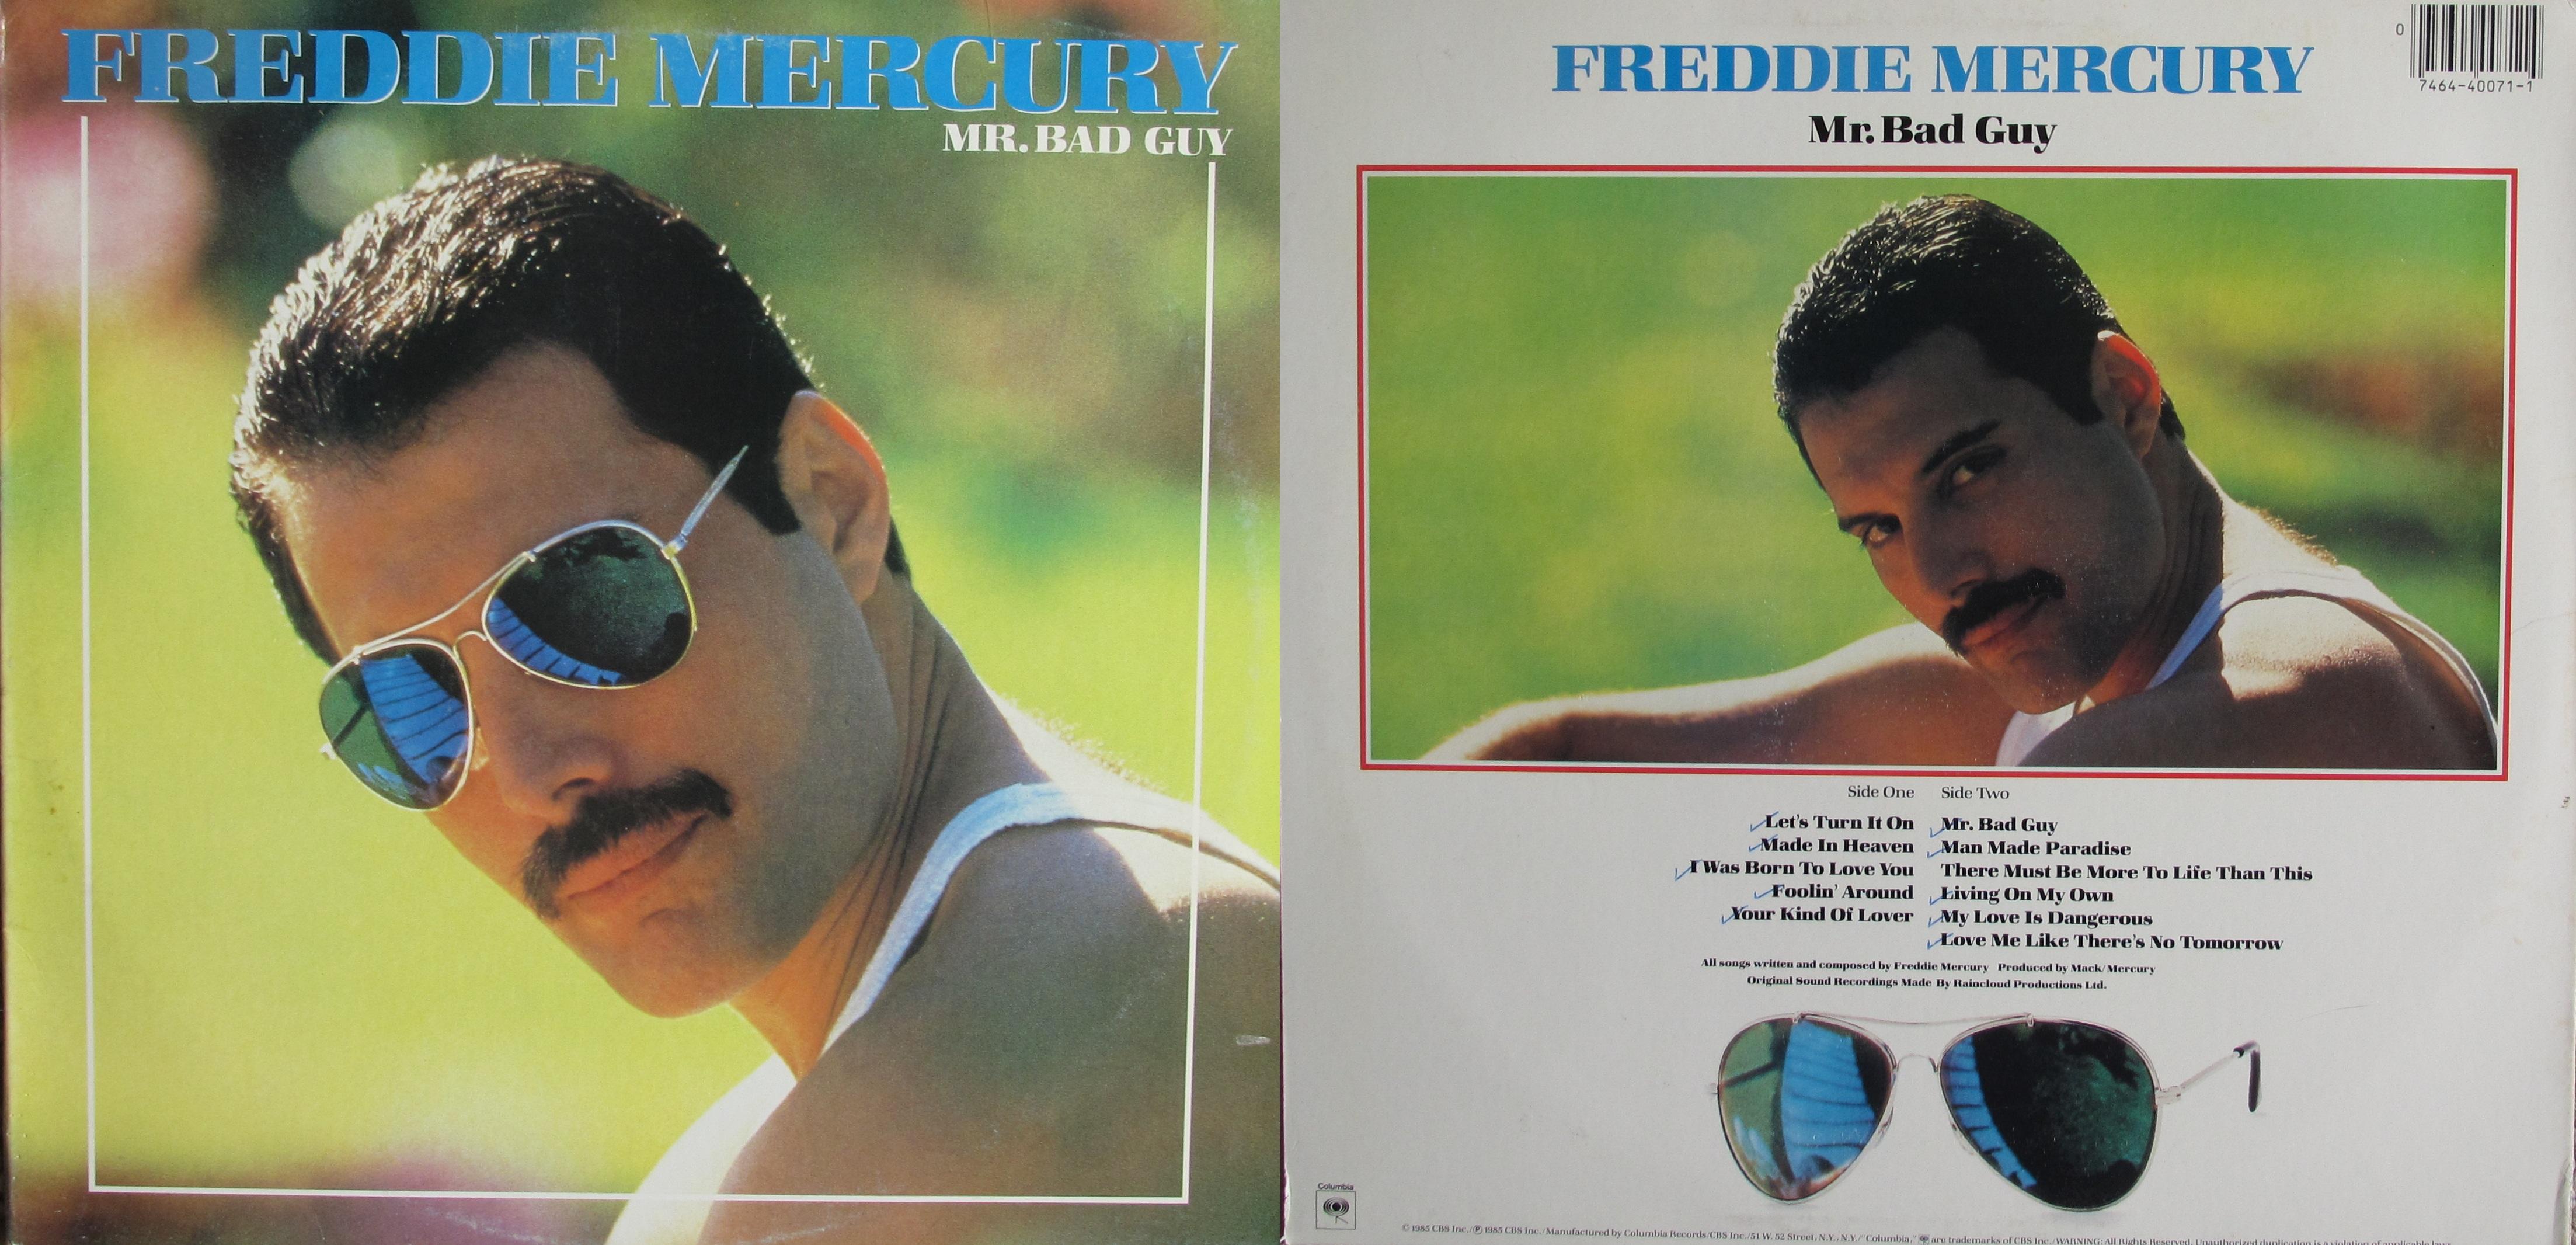 Mr. Bad Guy – My Dad's Albums